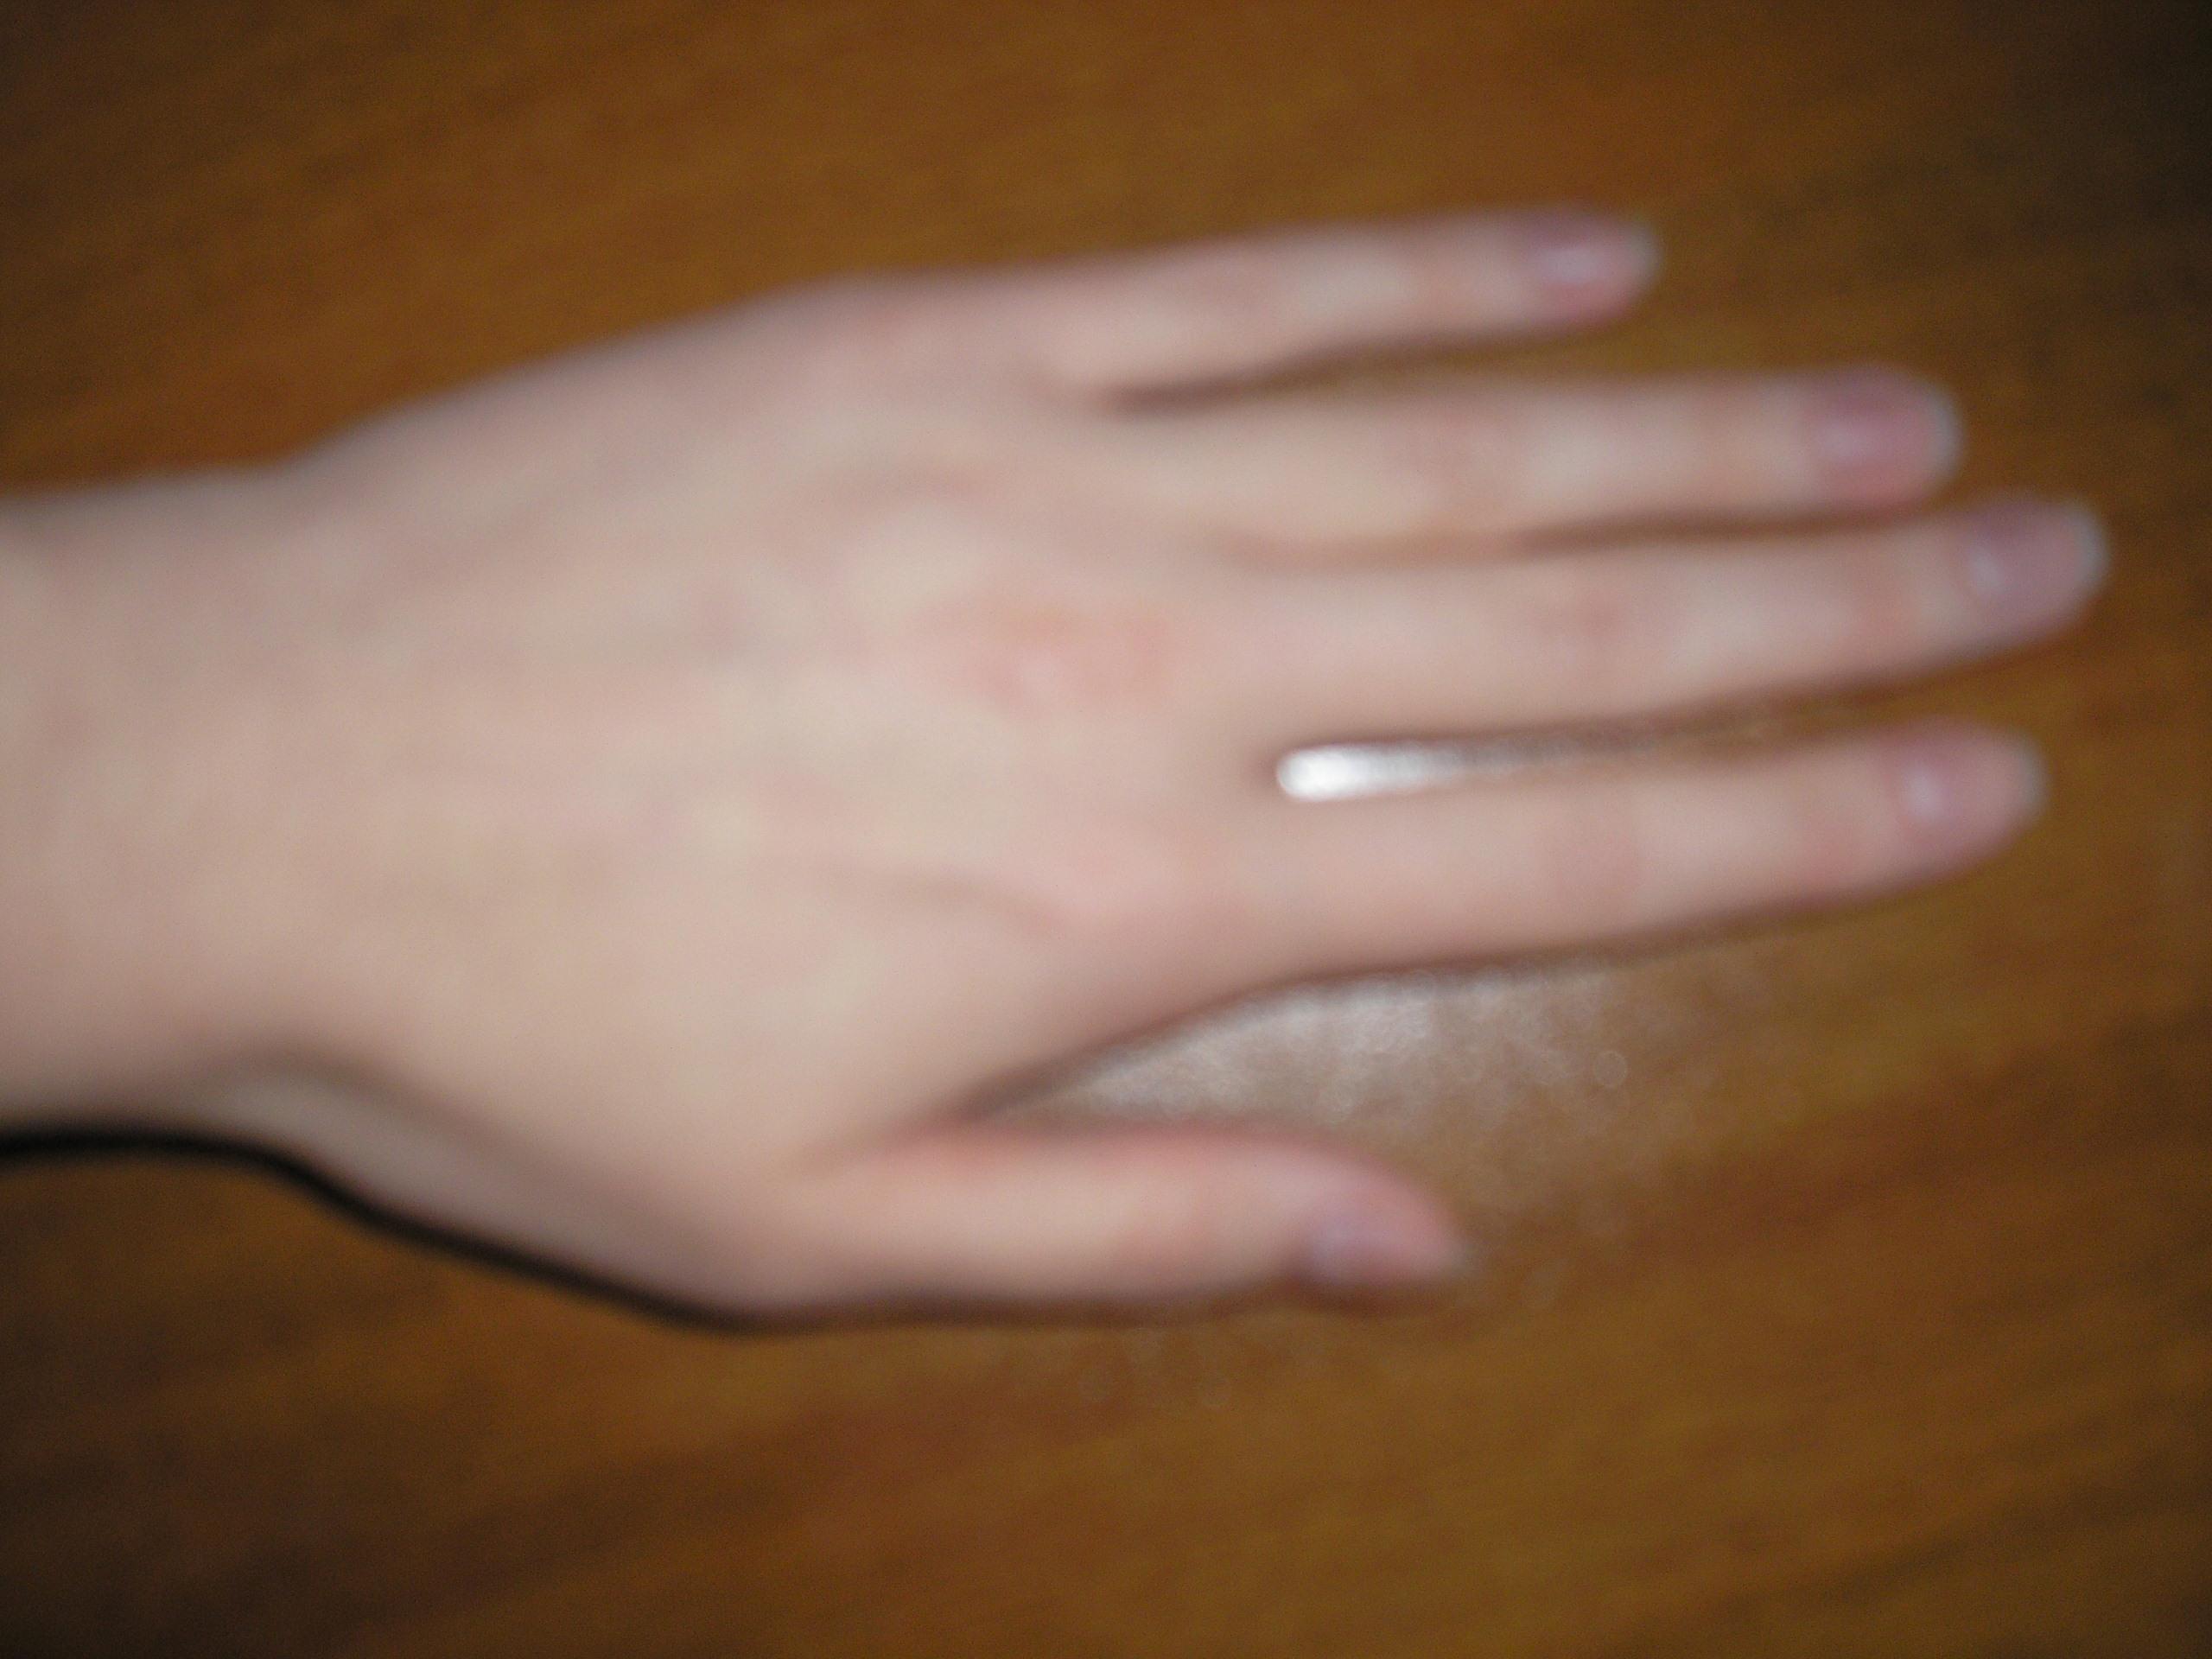 У ребенка слезают ногти на руках и ногах фото